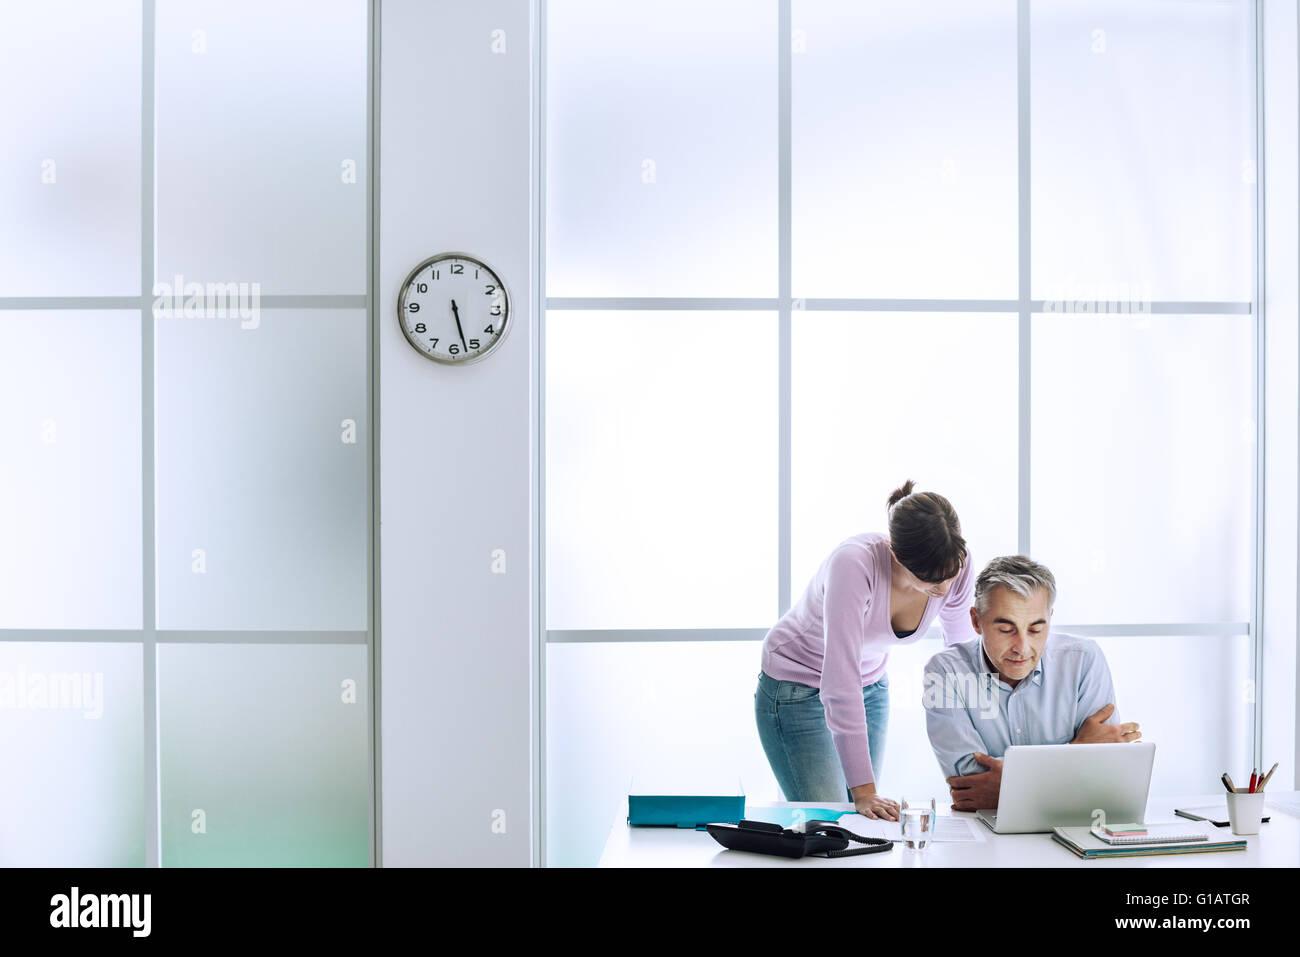 Ejecutivo que trabaja en la oficina con su asistente, están utilizando un ordenador portátil y conexión Imagen De Stock